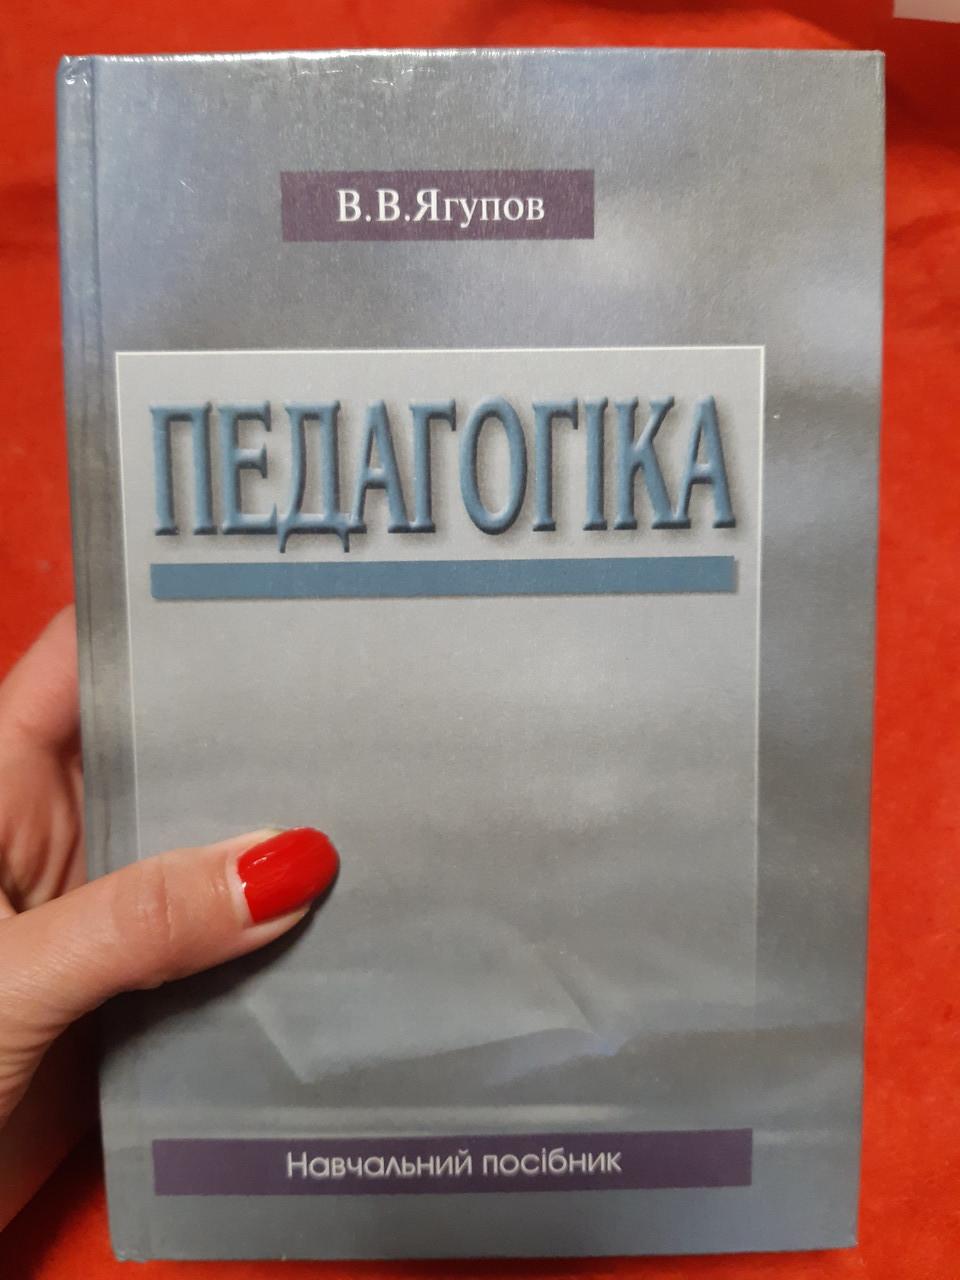 Педагогіка В. В. Ягупов навчальний посібник - Б/У